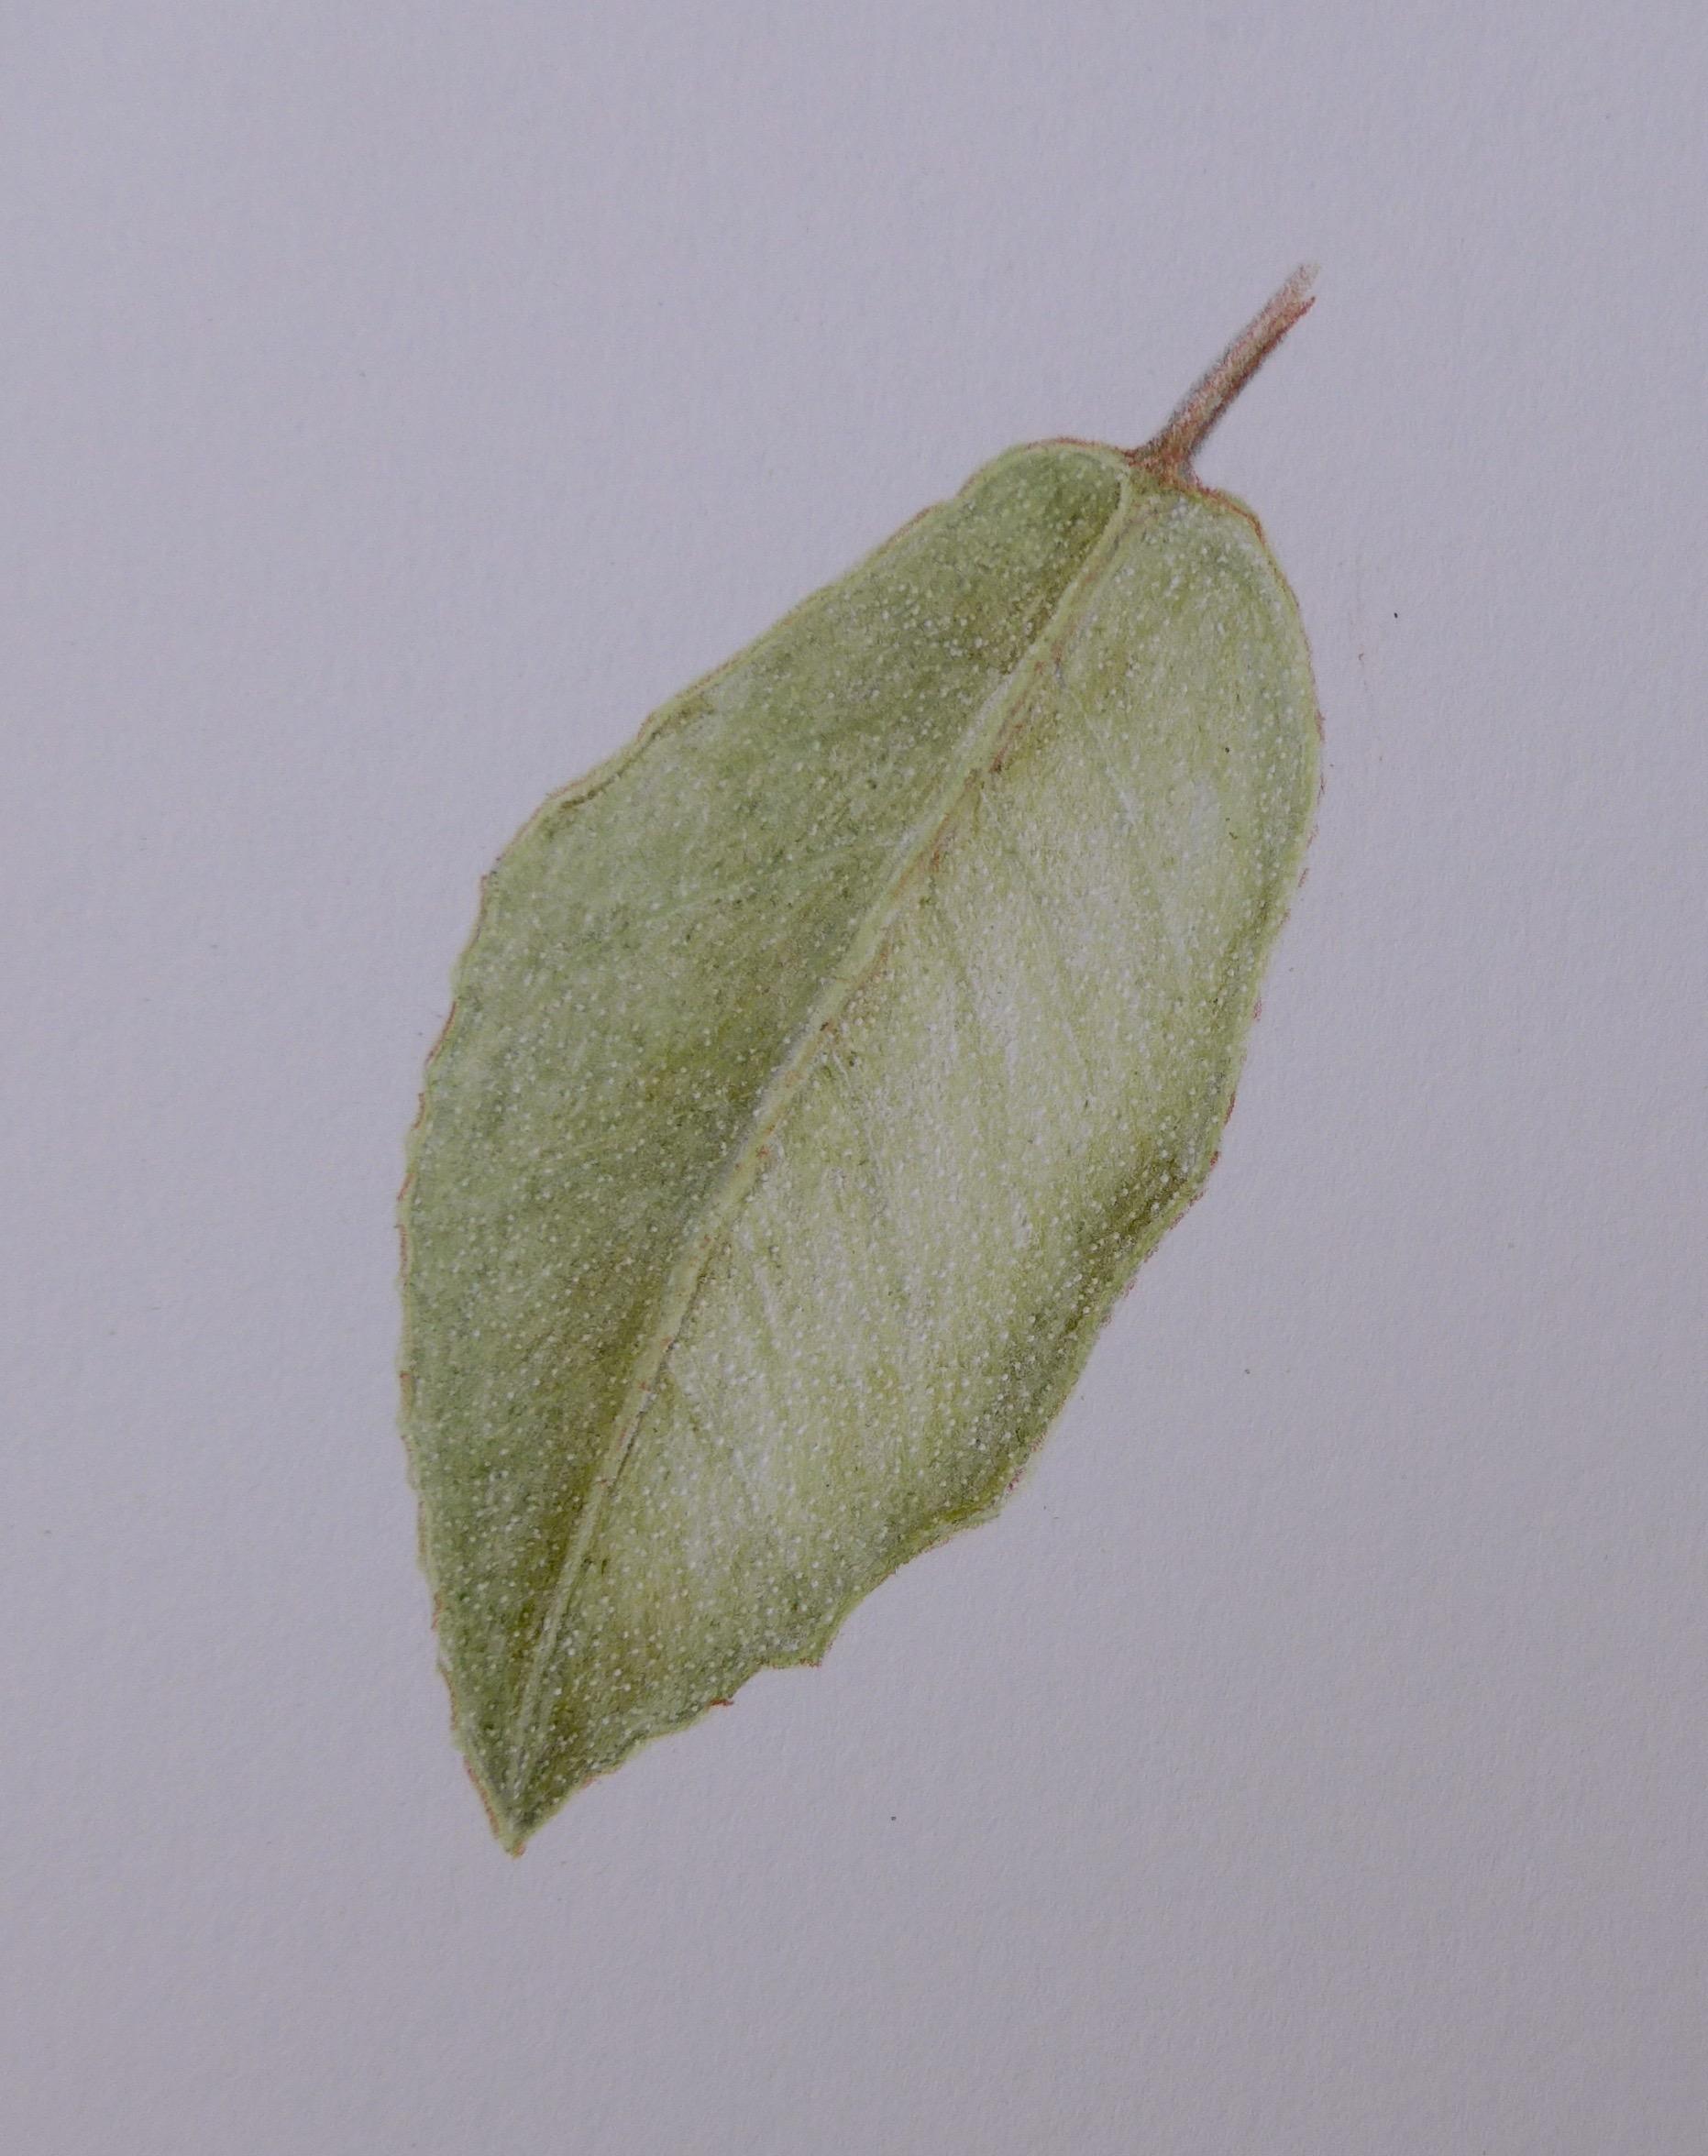 276 Evergreen leaf